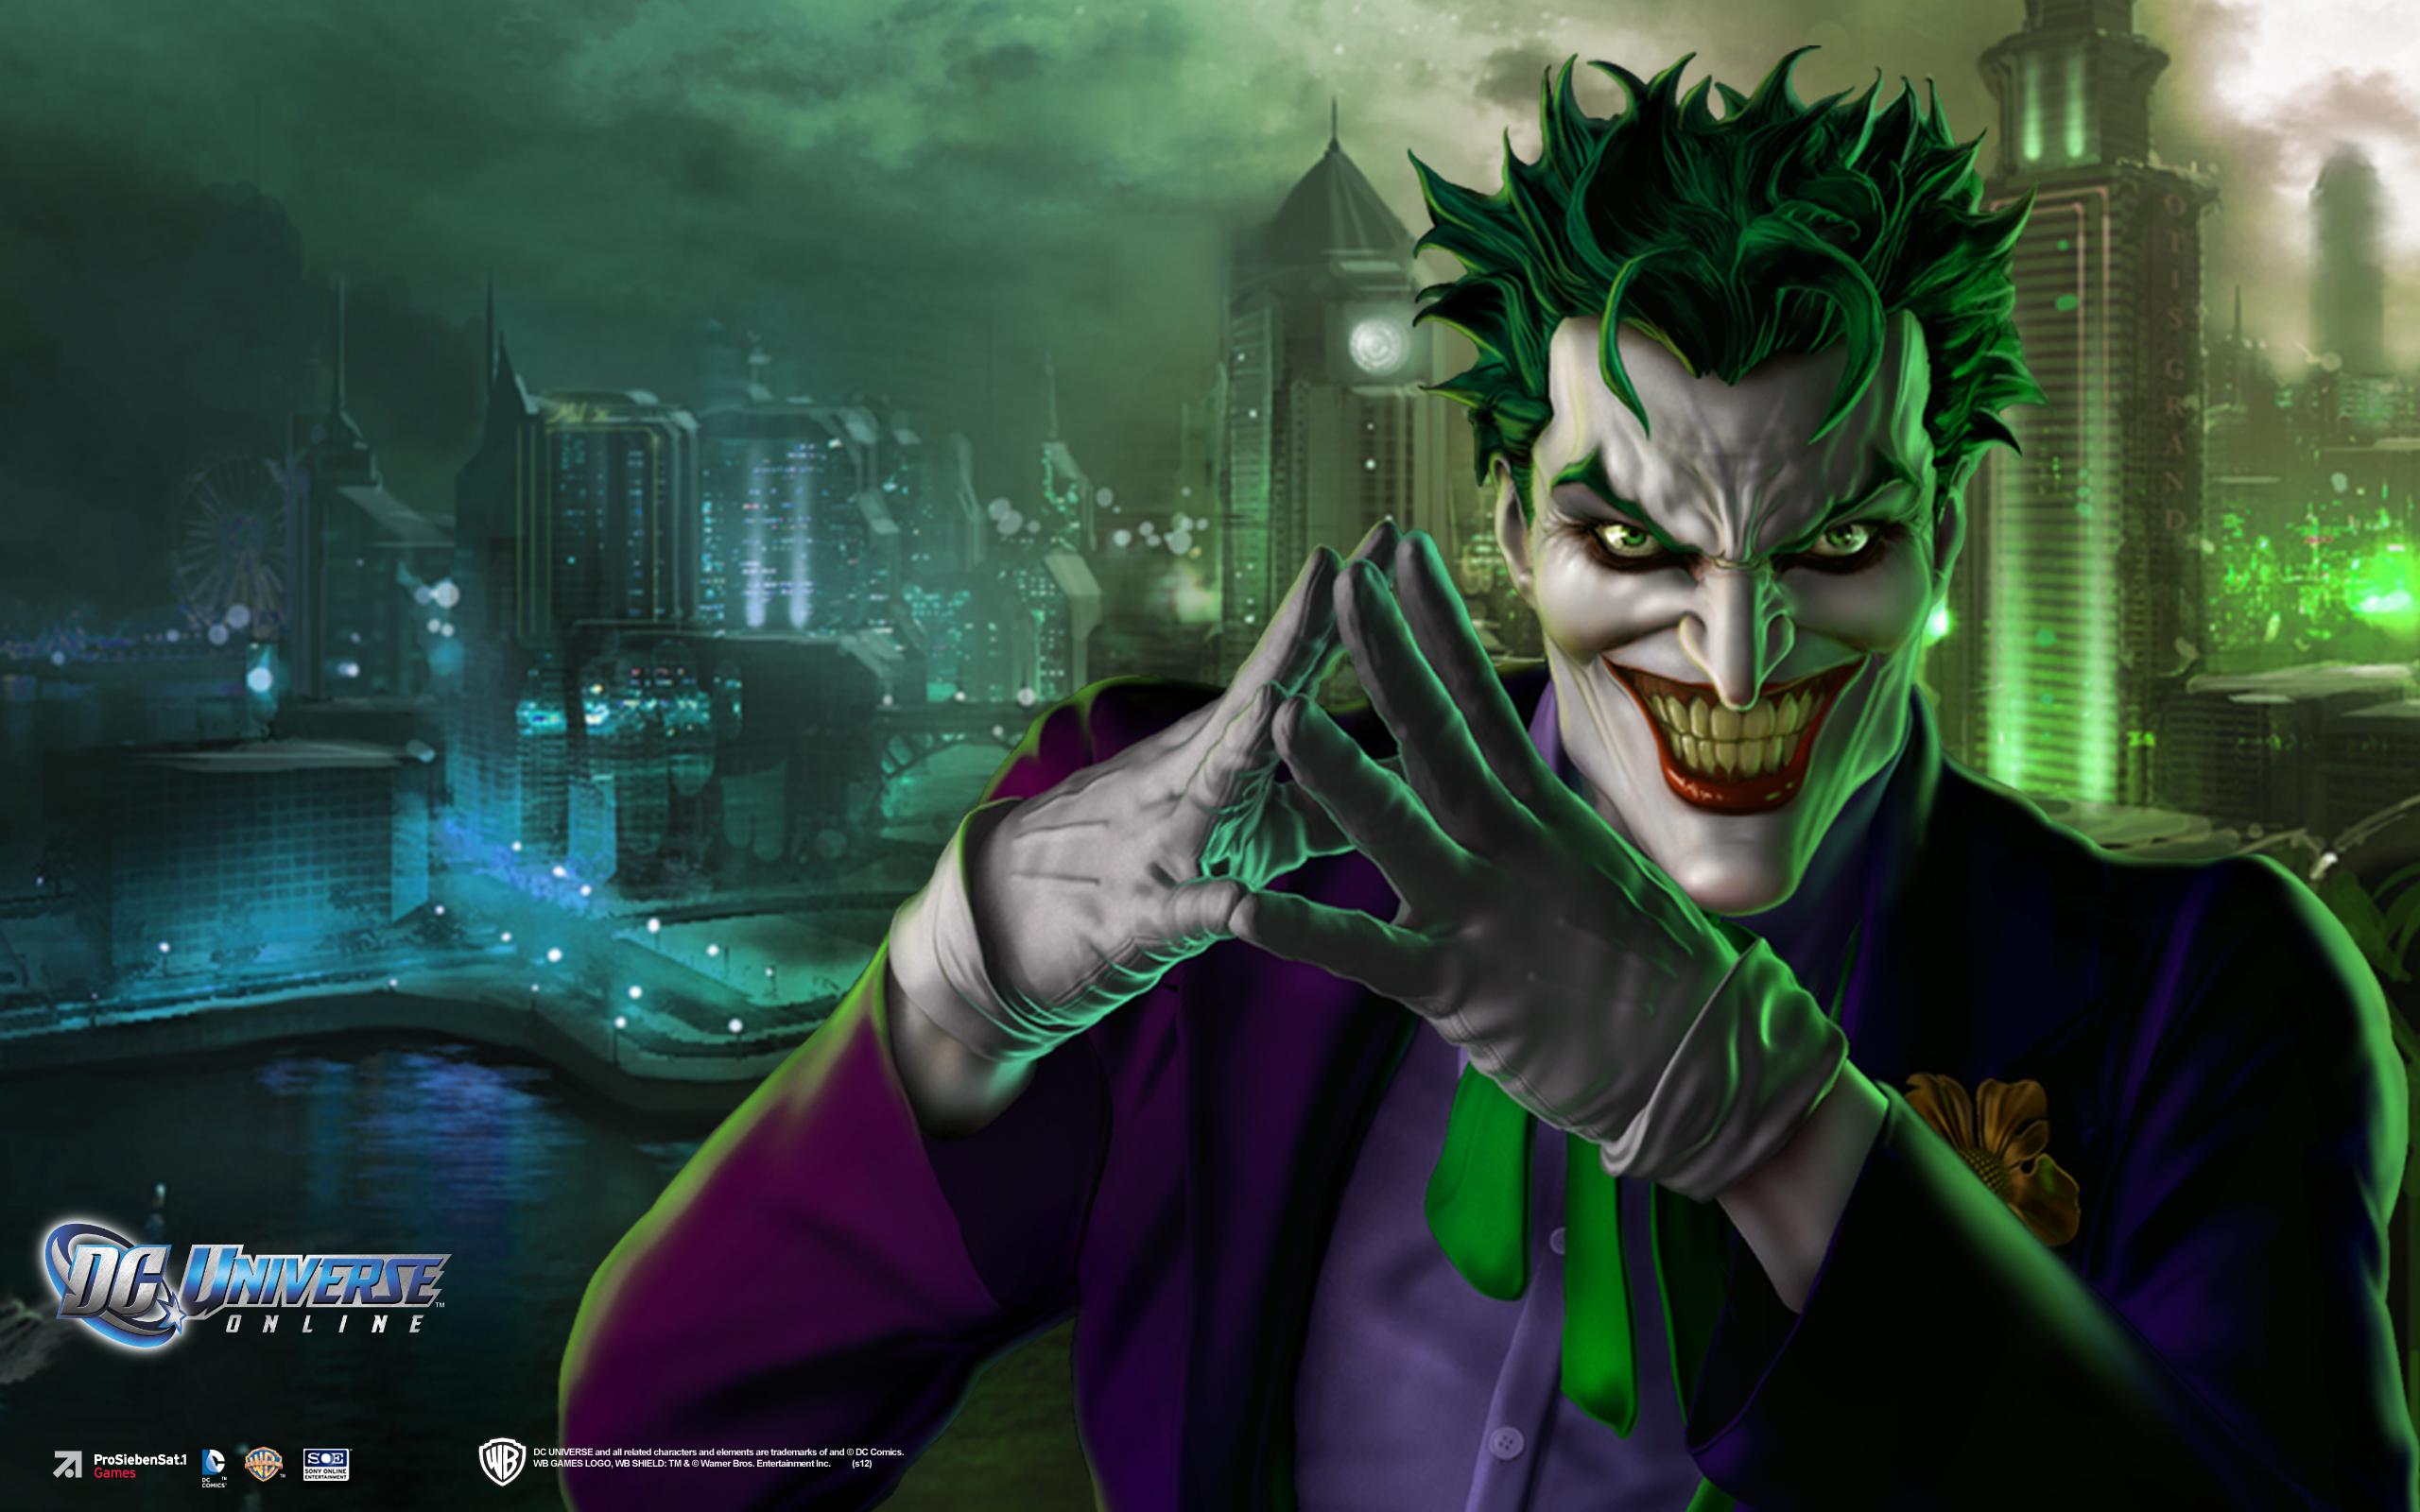 DC UNIVERSE ONLINE D C Superhero Comics Batman Joker F Wallpaper